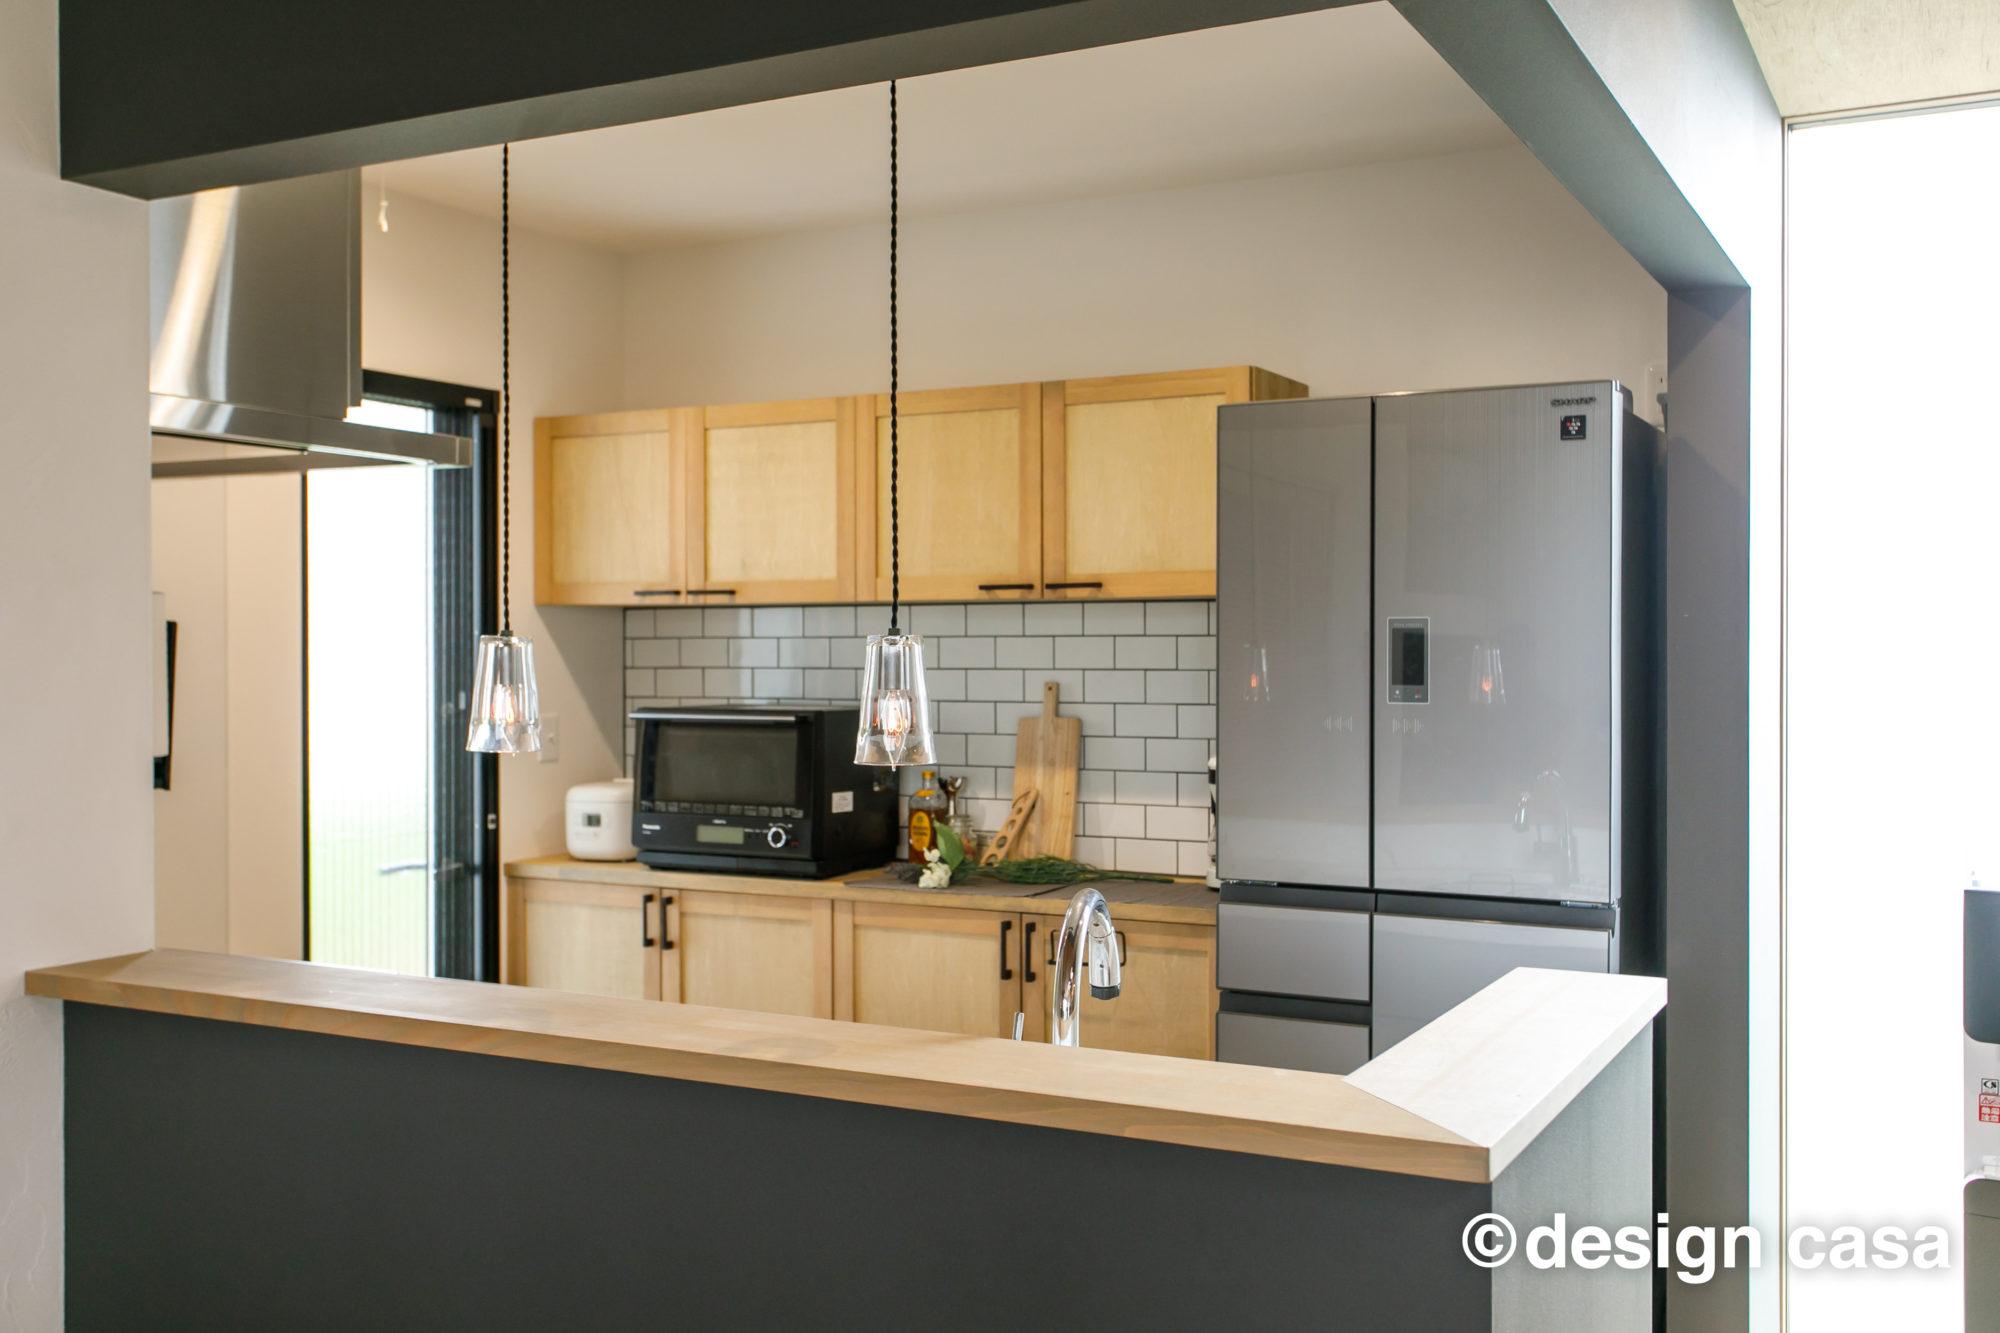 自然素材住宅・デザイナーズ 自然素材住宅・デザイナーズ